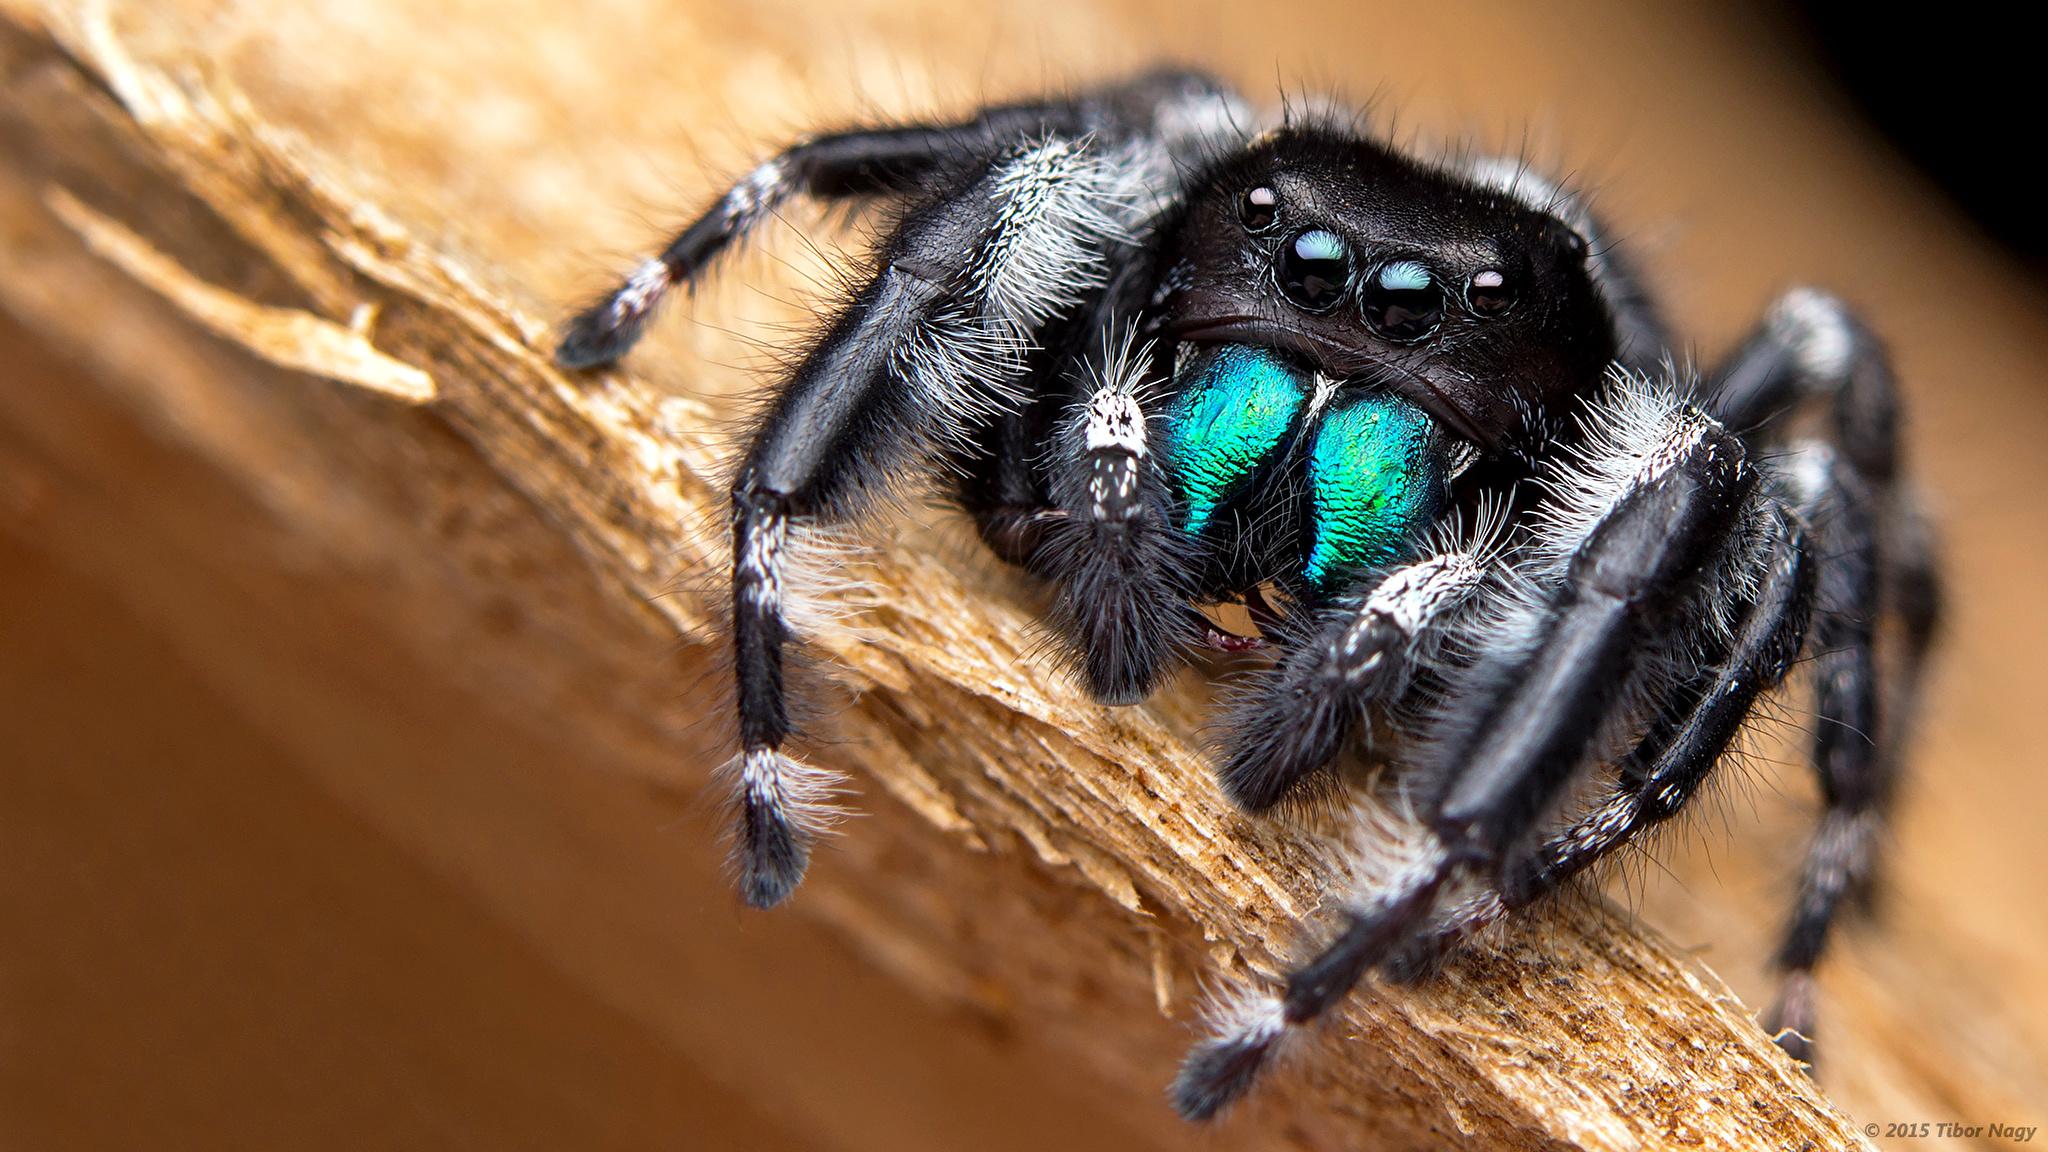 природа макро насекомое глаза загрузить